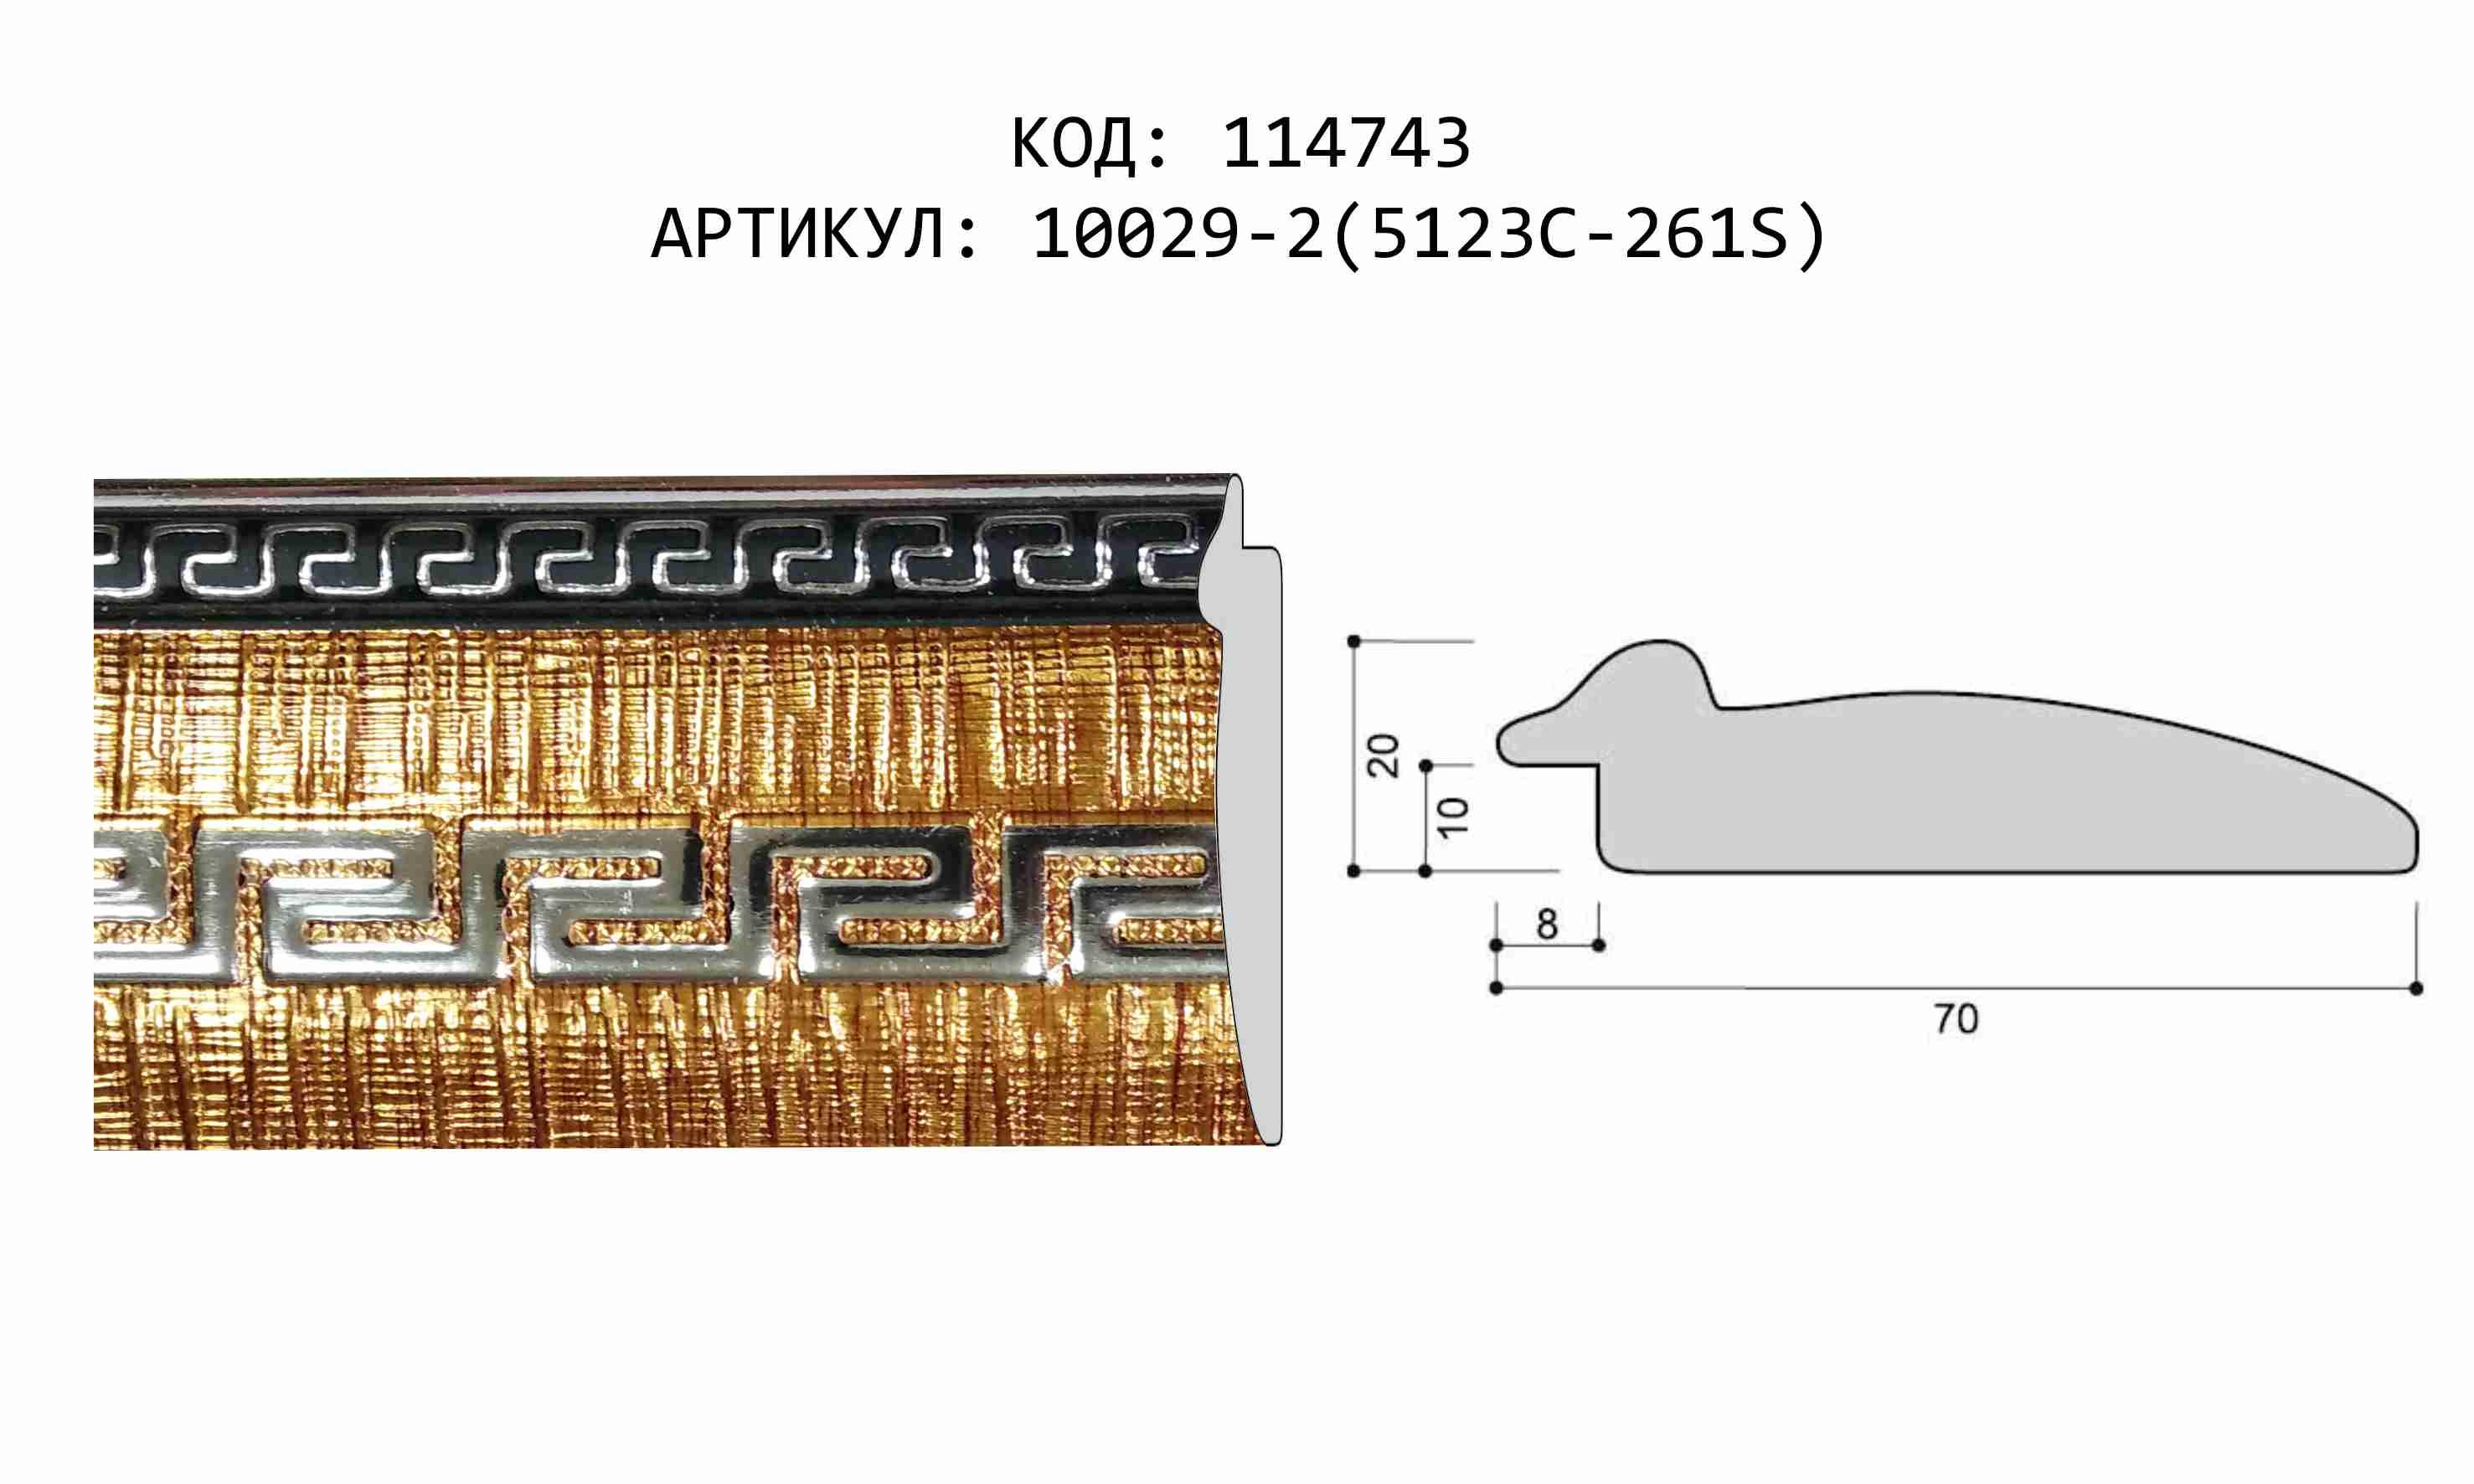 Артикул: 10029-2(5123C-261S)